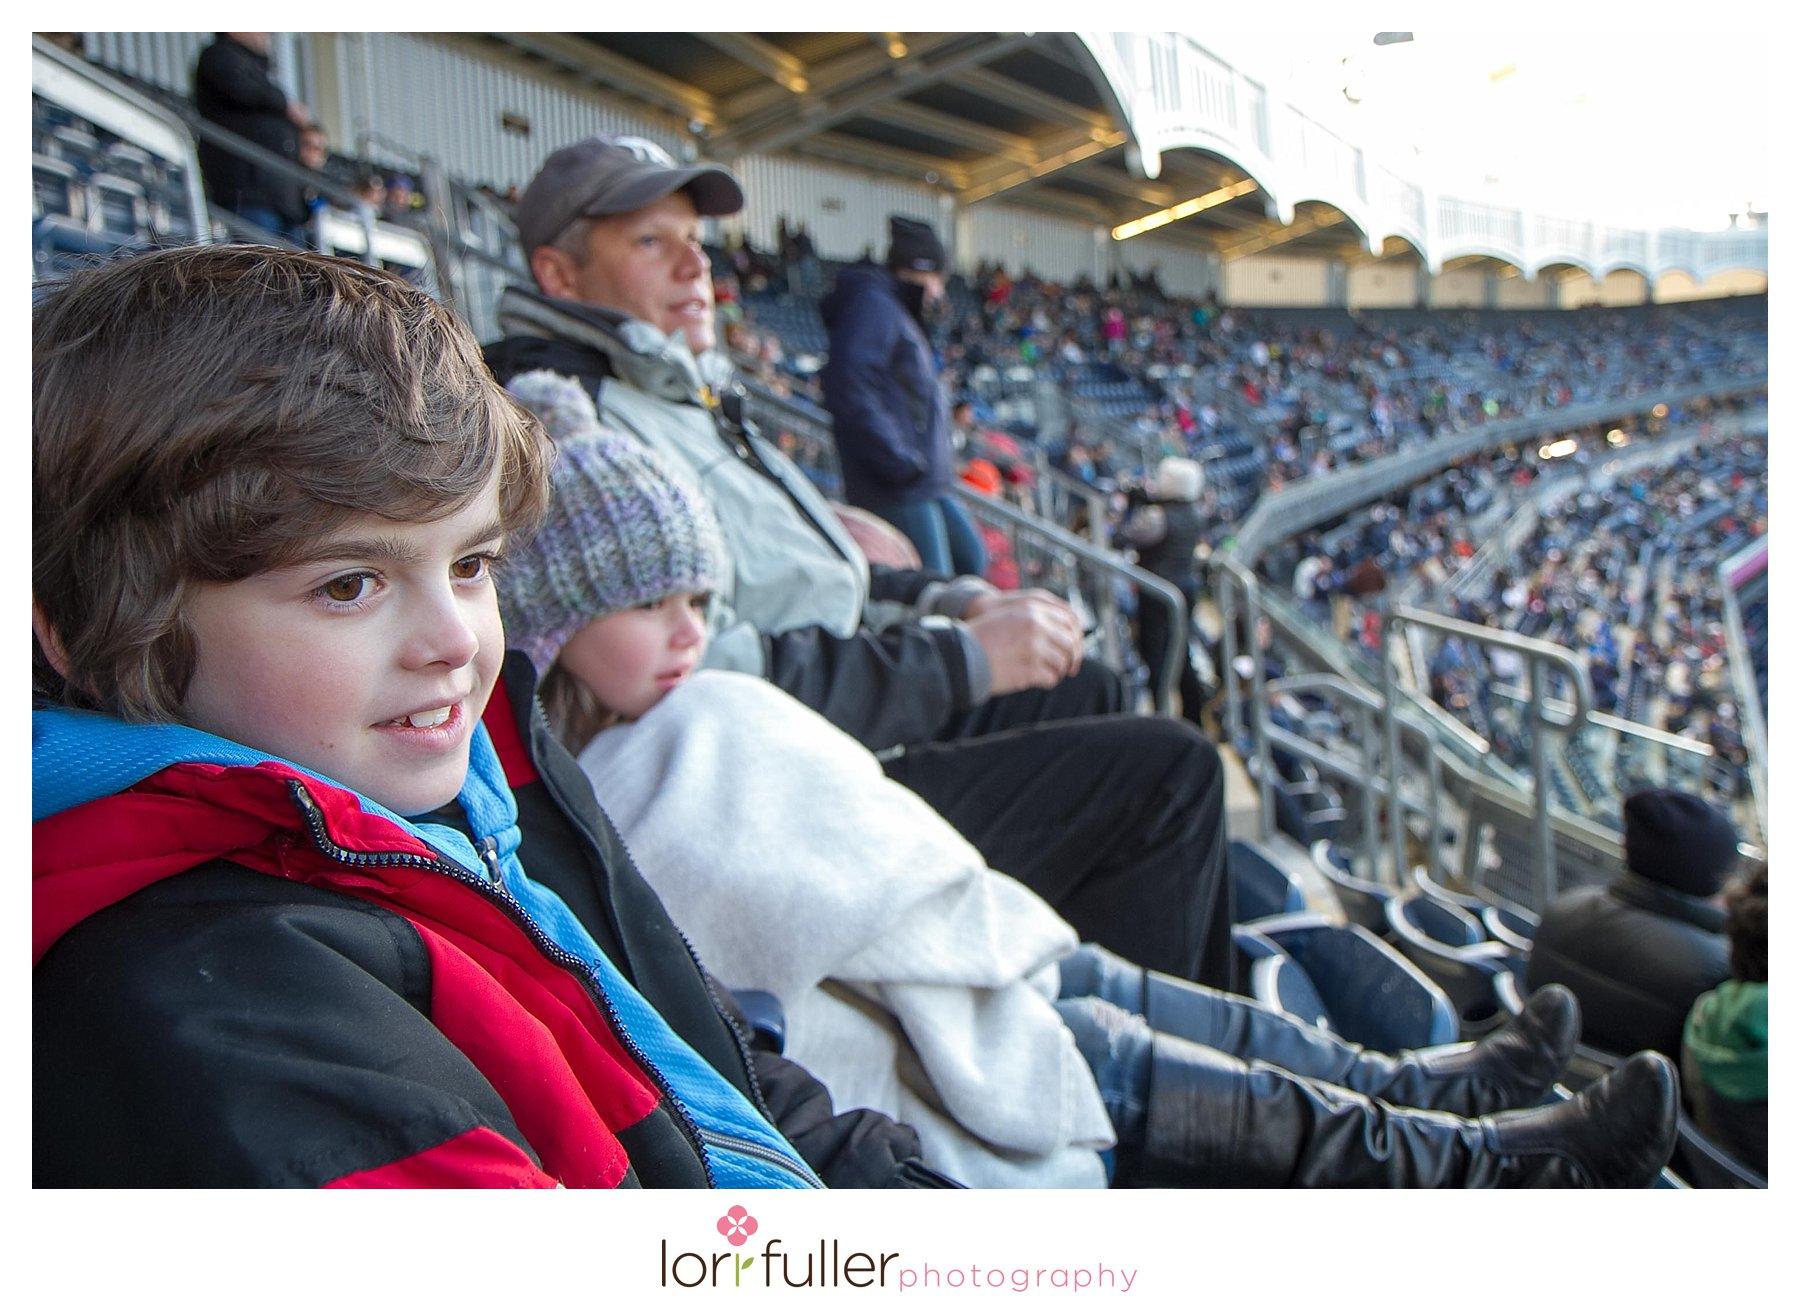 Photos_Lori Fuller Photography_0569